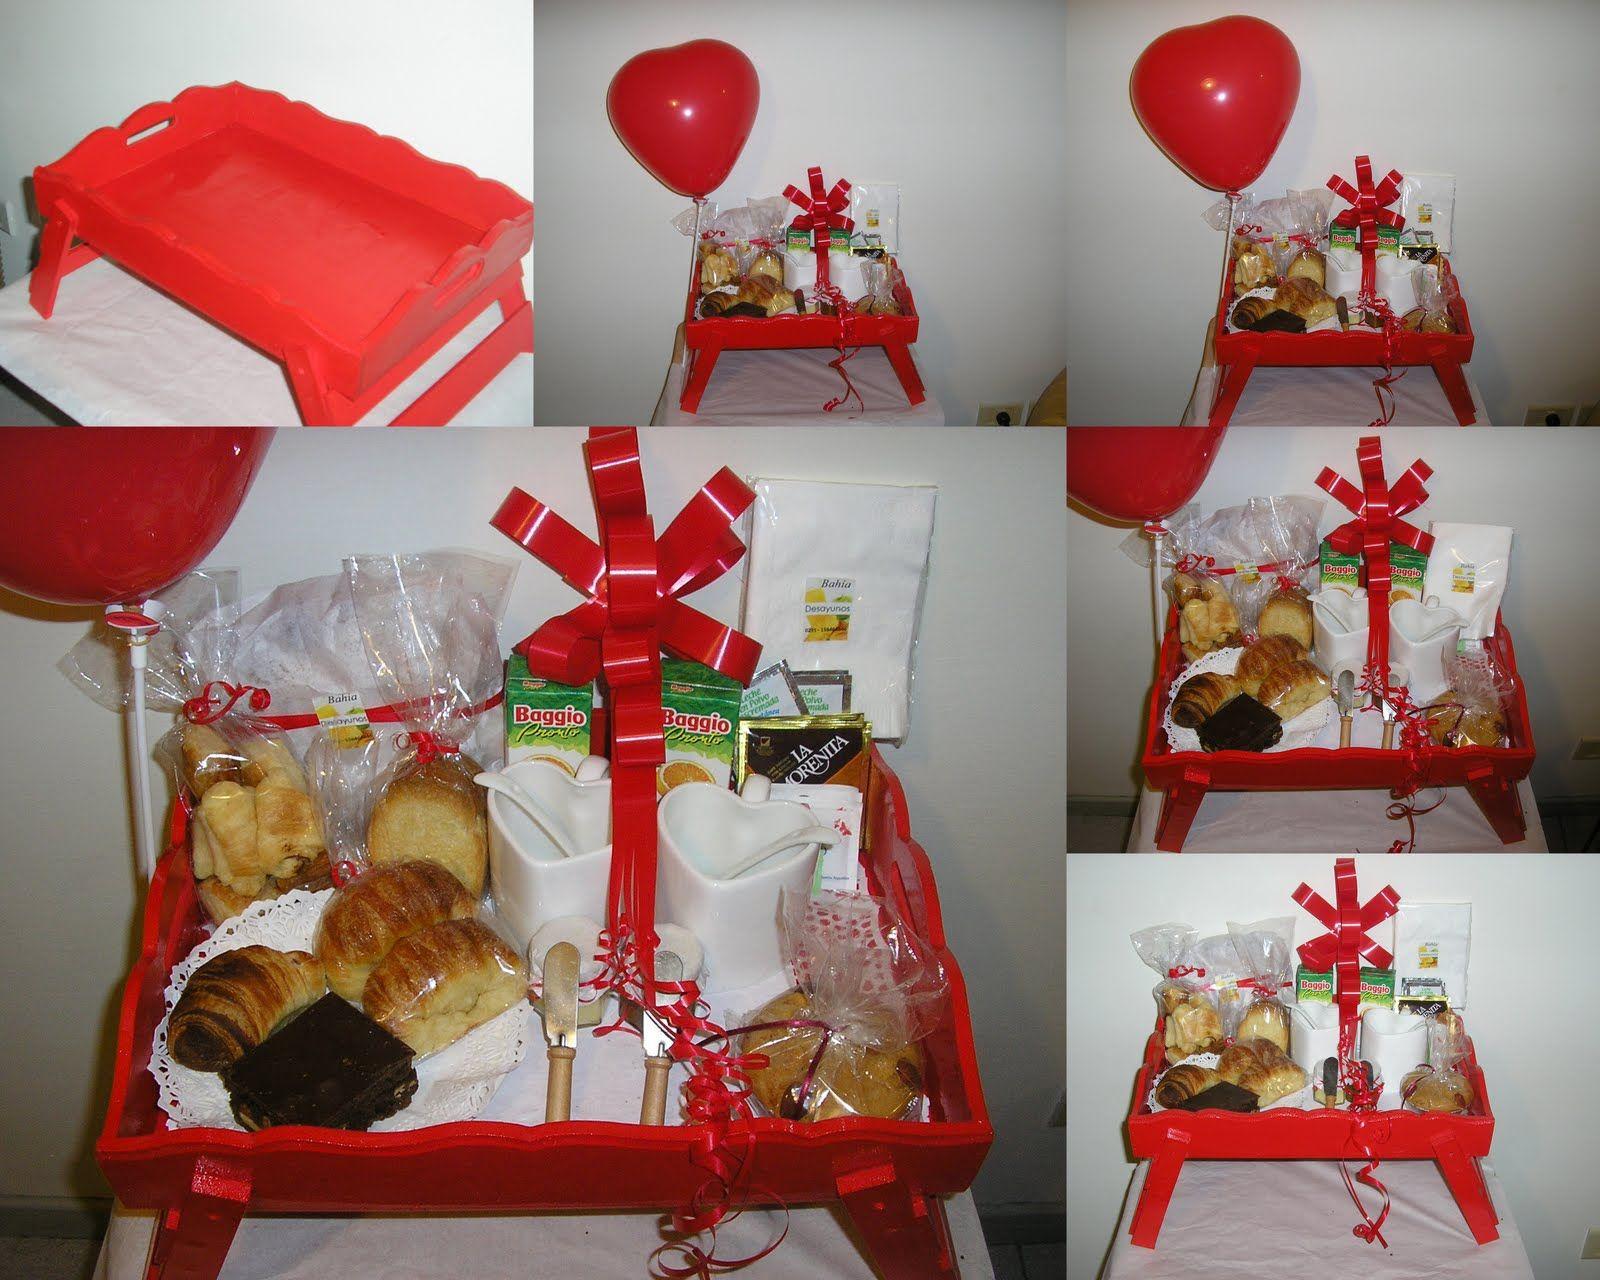 Resultado de imagen para desayuno sorpresa romantico - Sorpresas para enamorados ...